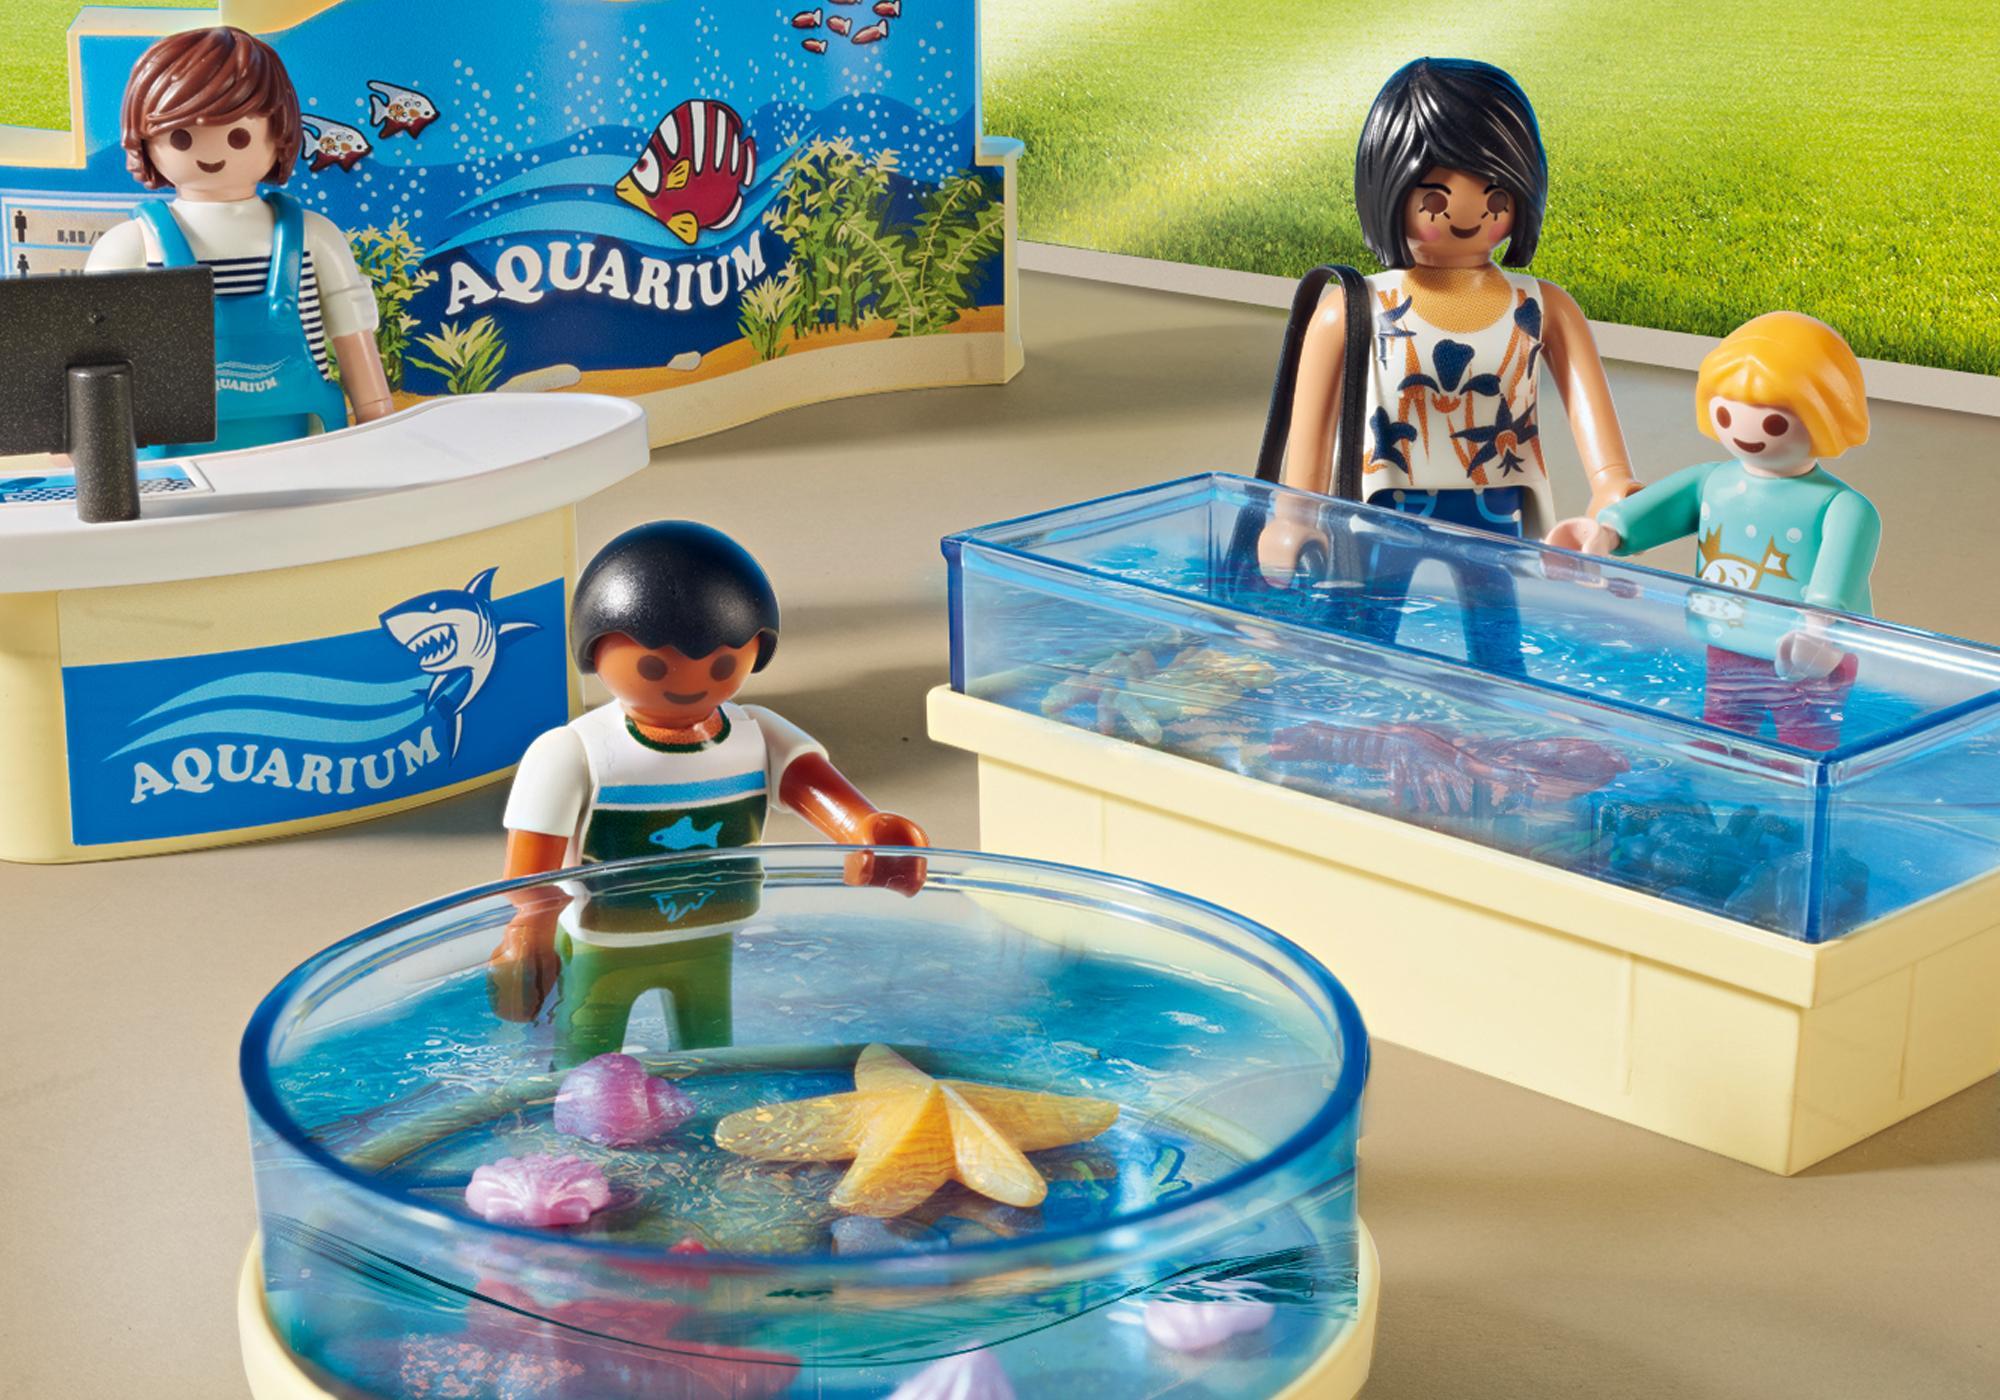 http://media.playmobil.com/i/playmobil/9061_product_extra2/Boutique de l'aquarium